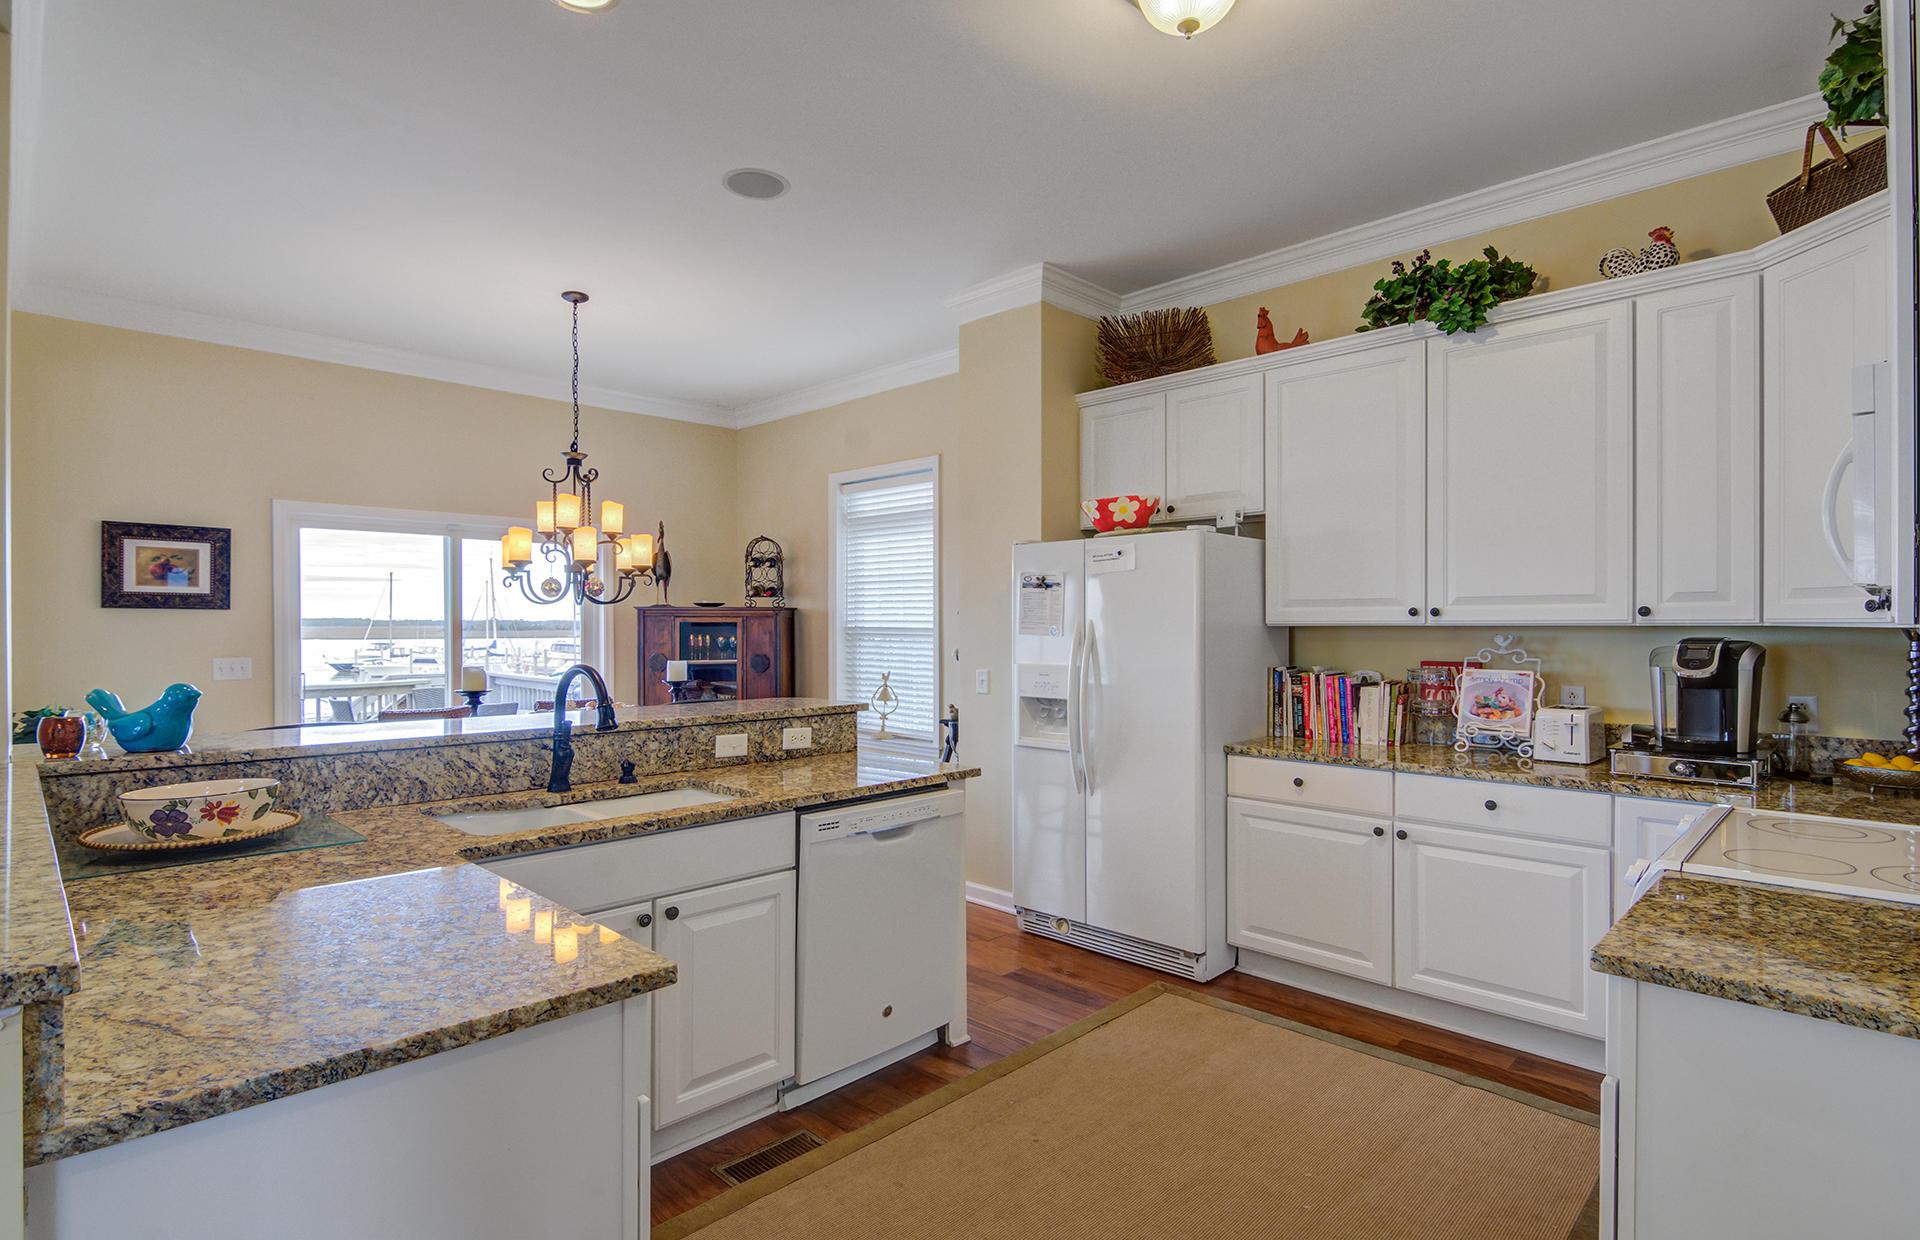 Sunset Cay Marina Homes For Sale - 67 9th, Folly Beach, SC - 44